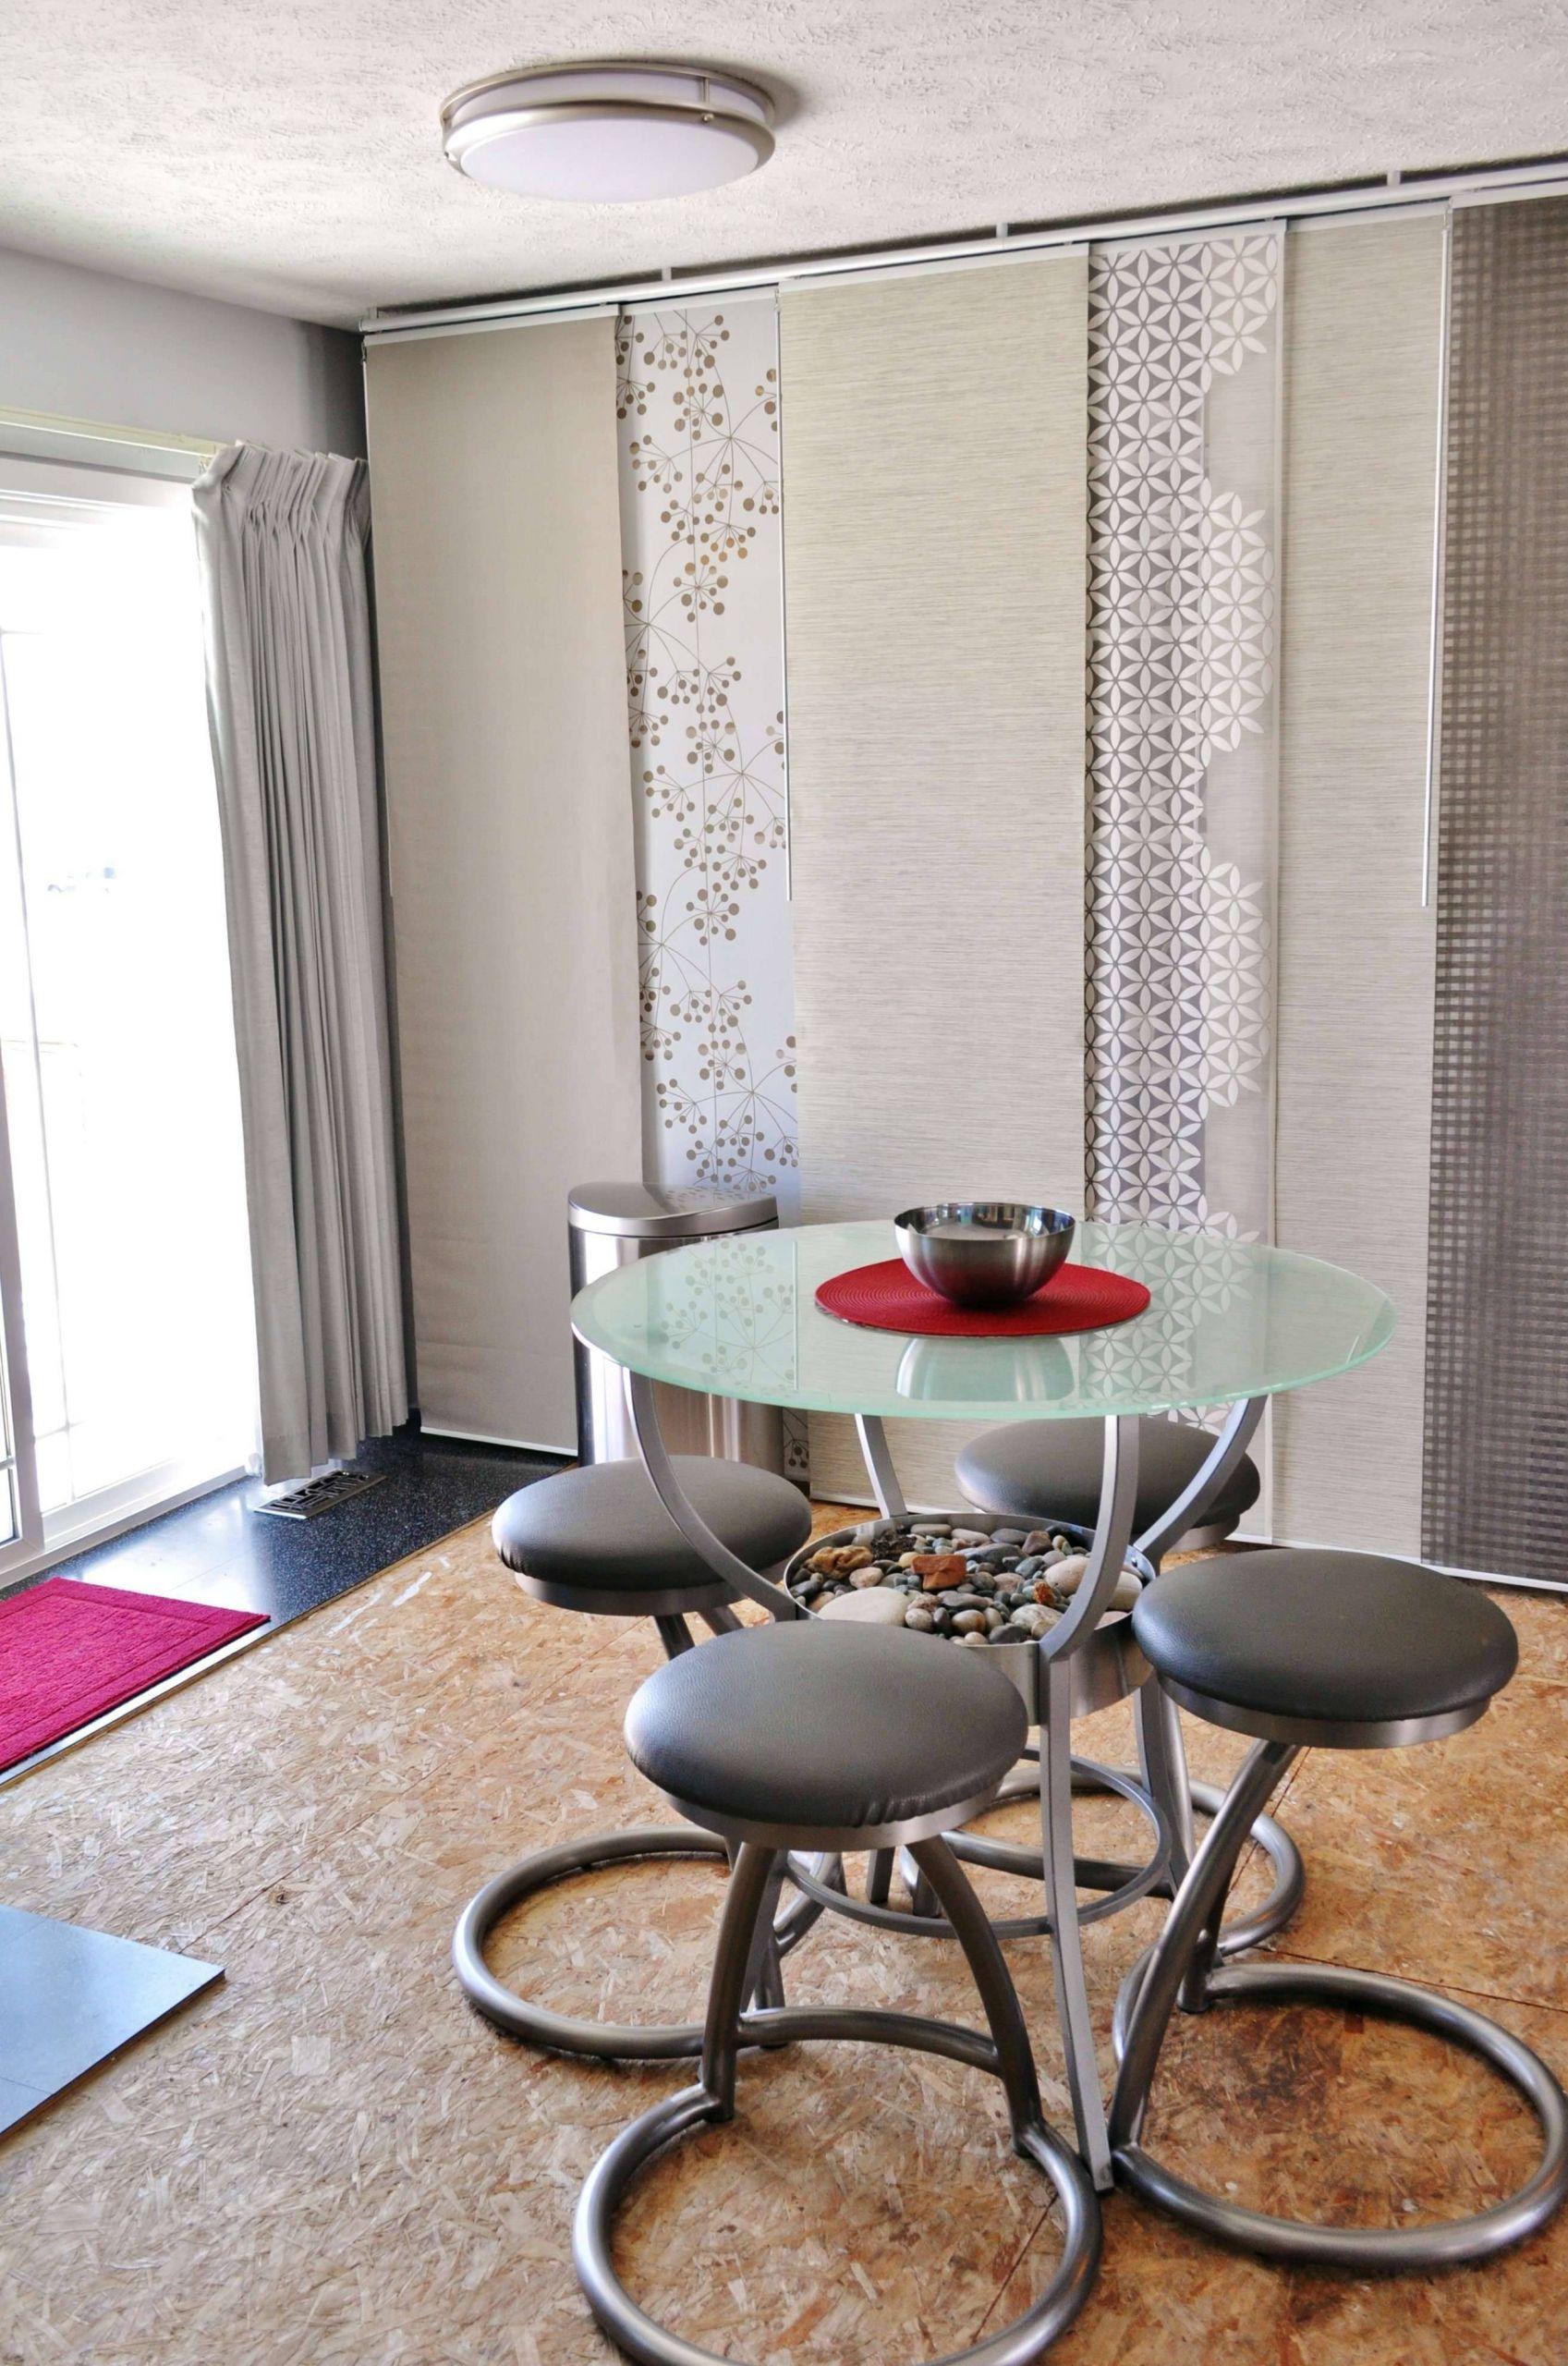 wohnzimmer deko mann fresh edelstahl deko garten reizend wohnzimmer deko garten of wohnzimmer deko mann